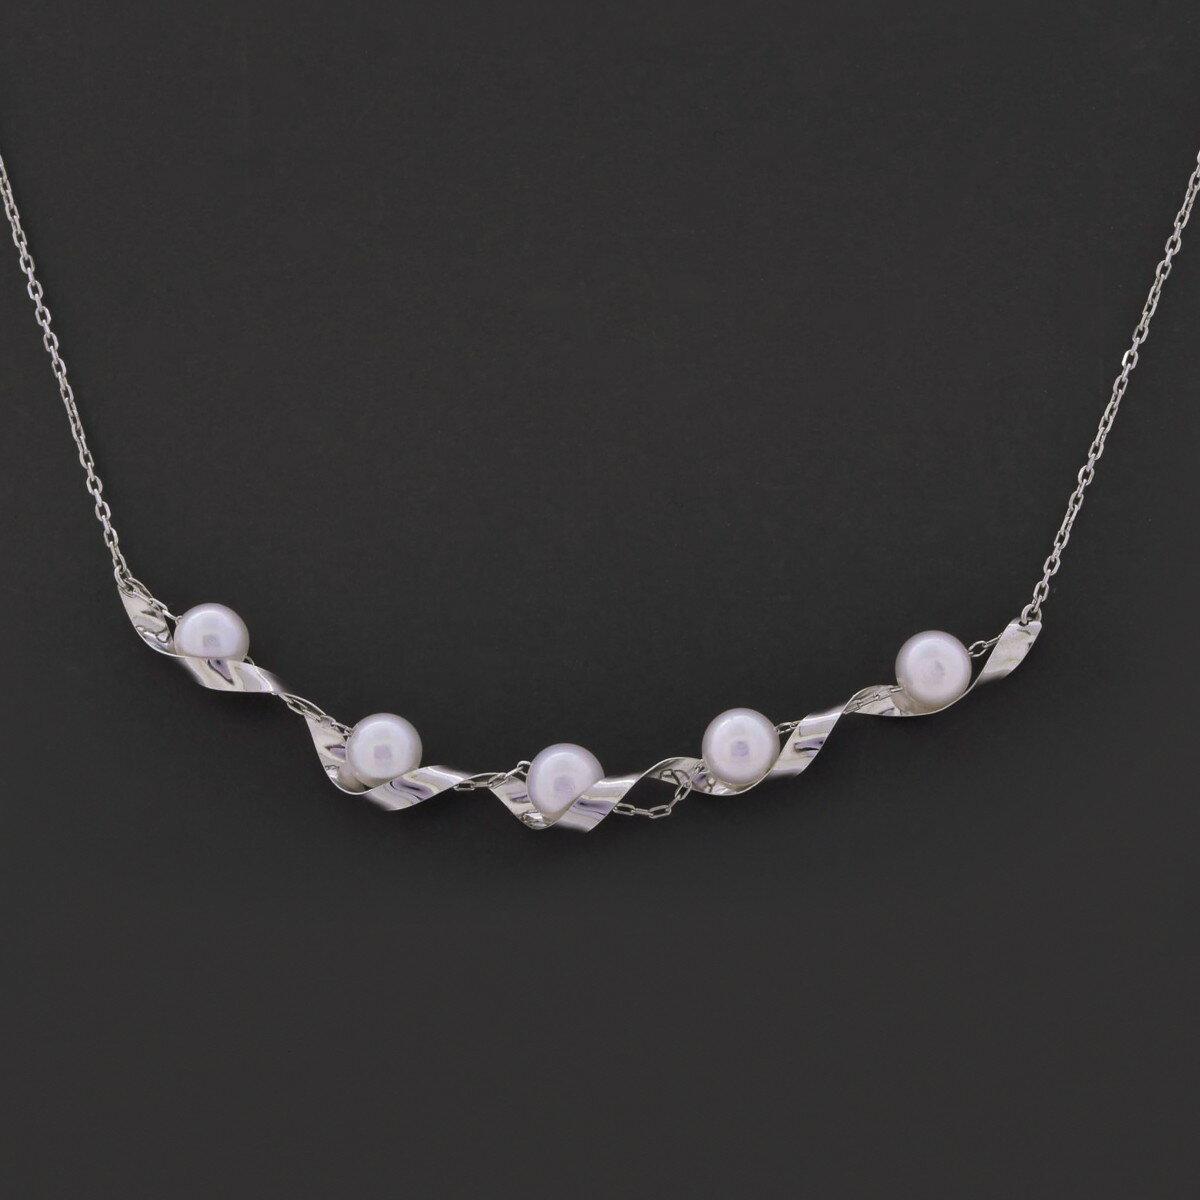 K18WG アコヤ真珠 ネックレス